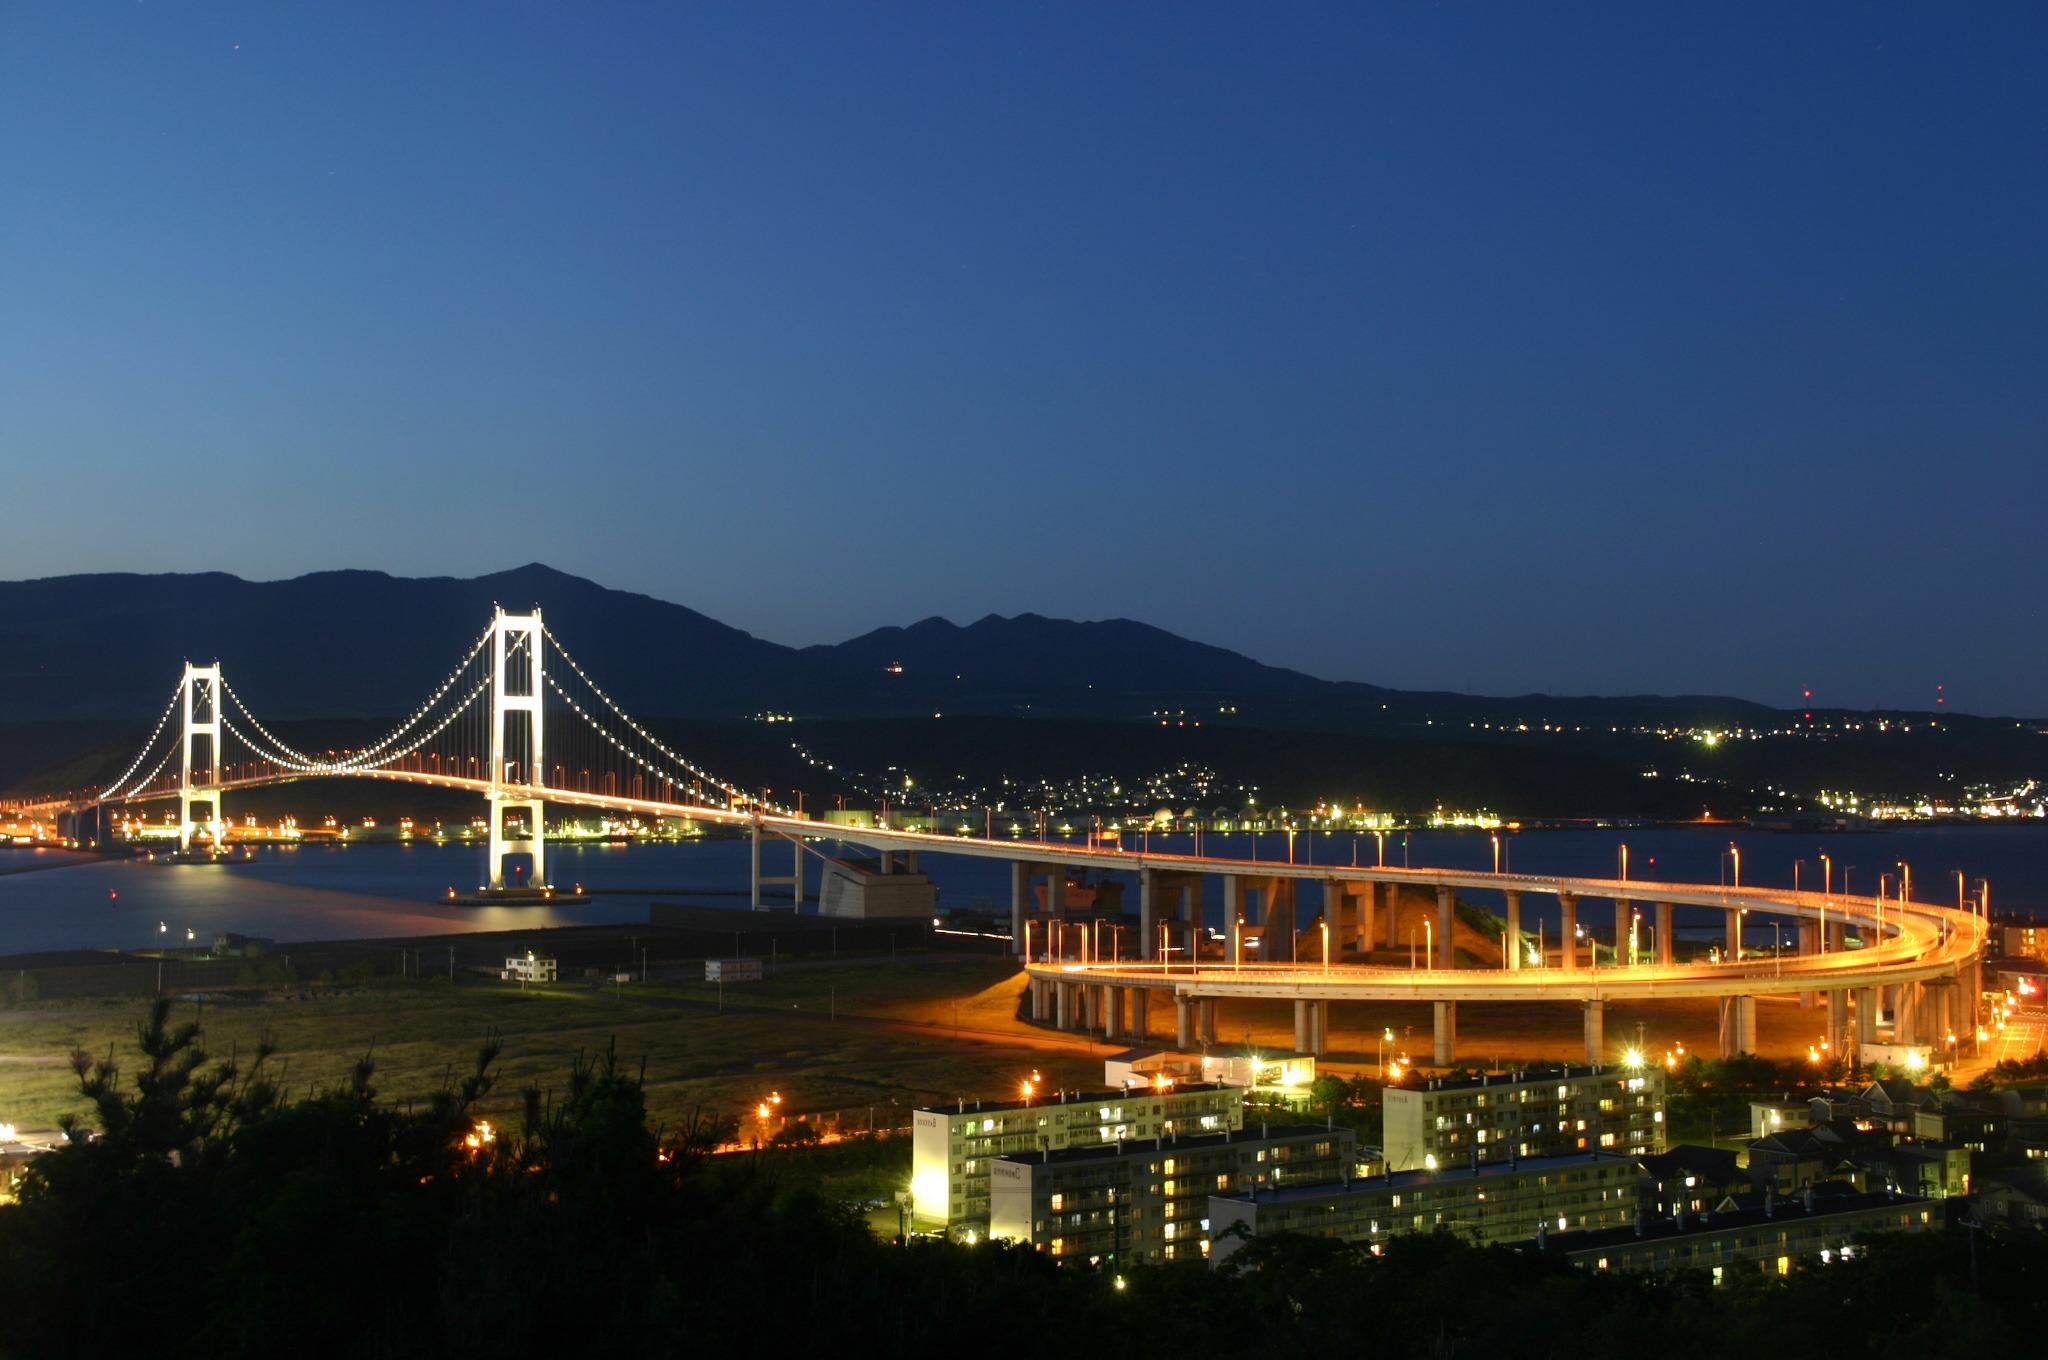 鷲別岳を背景に白鳥大橋や対岸の工場の明かりもくっきり見える